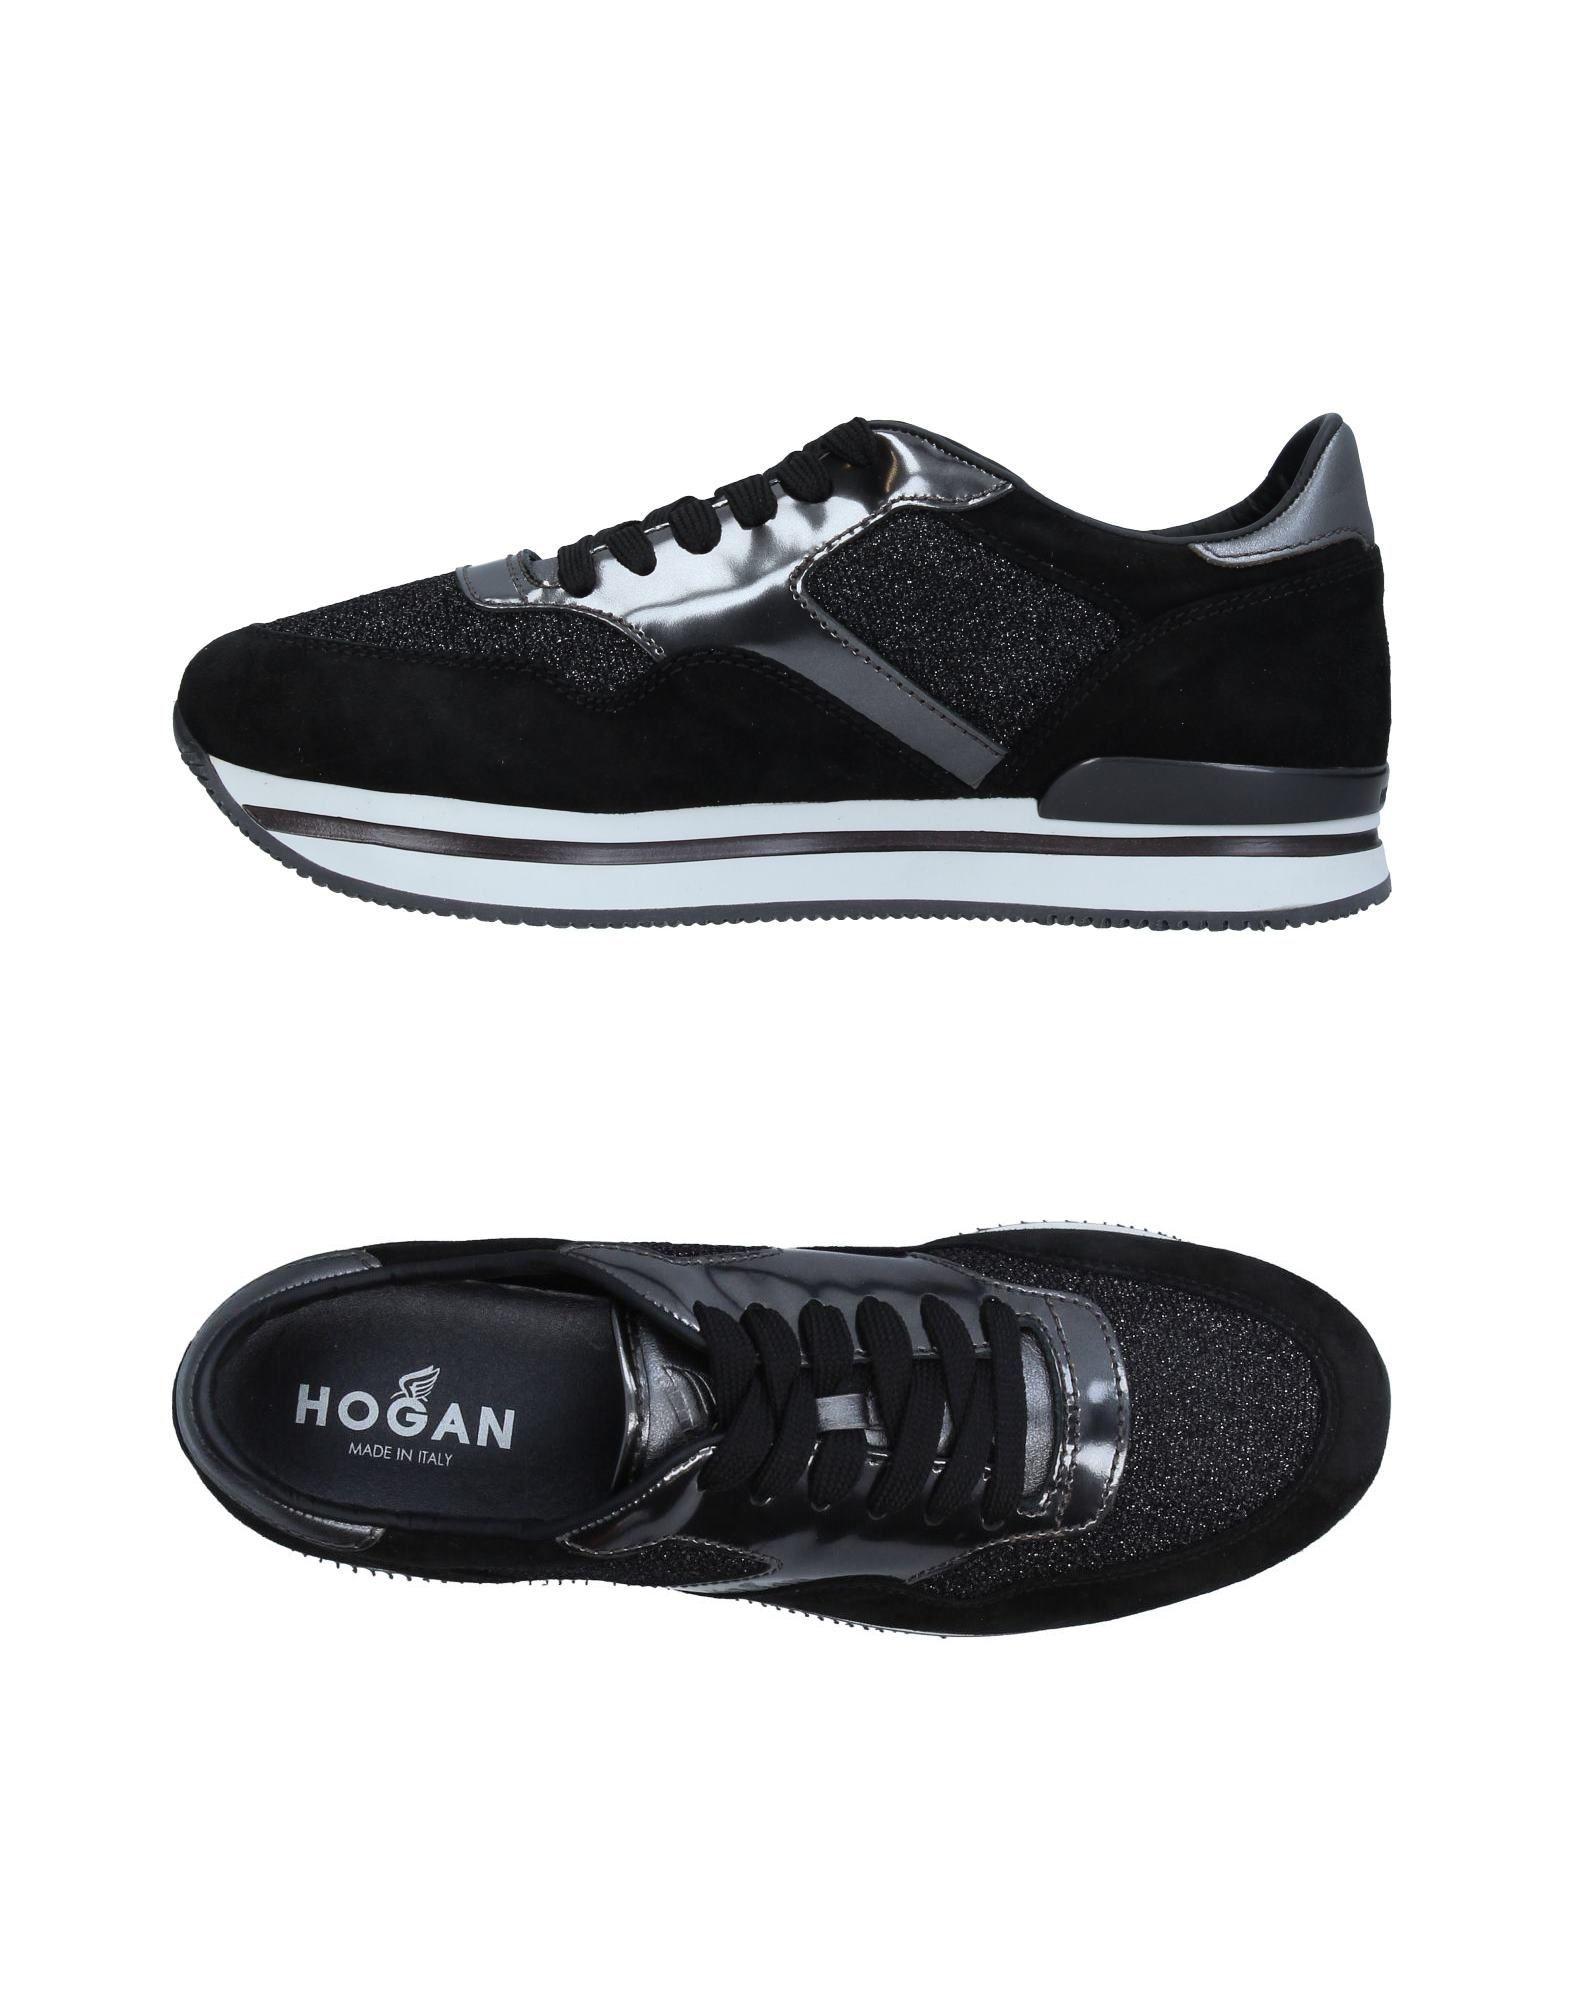 Hogan Sneakers Damen  11367704BDGut aussehende strapazierfähige Schuhe